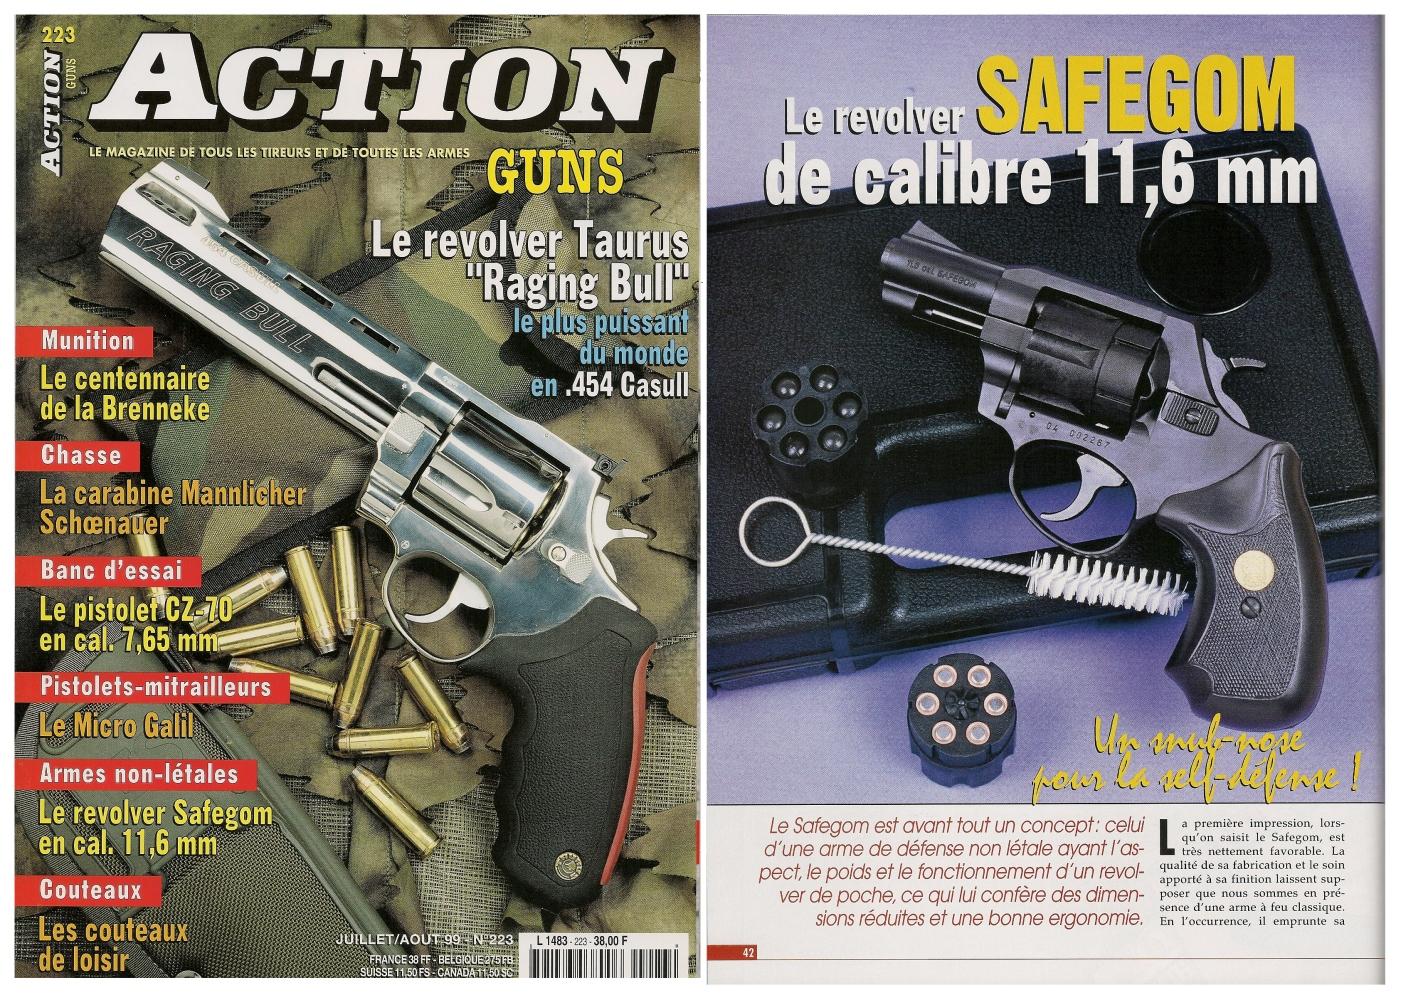 Le banc d'essai du revolver Safegom à balles en caoutchouc a été publié sur 4 pages dans le n°223 (juillet/août 1999) du magazine Action Guns.